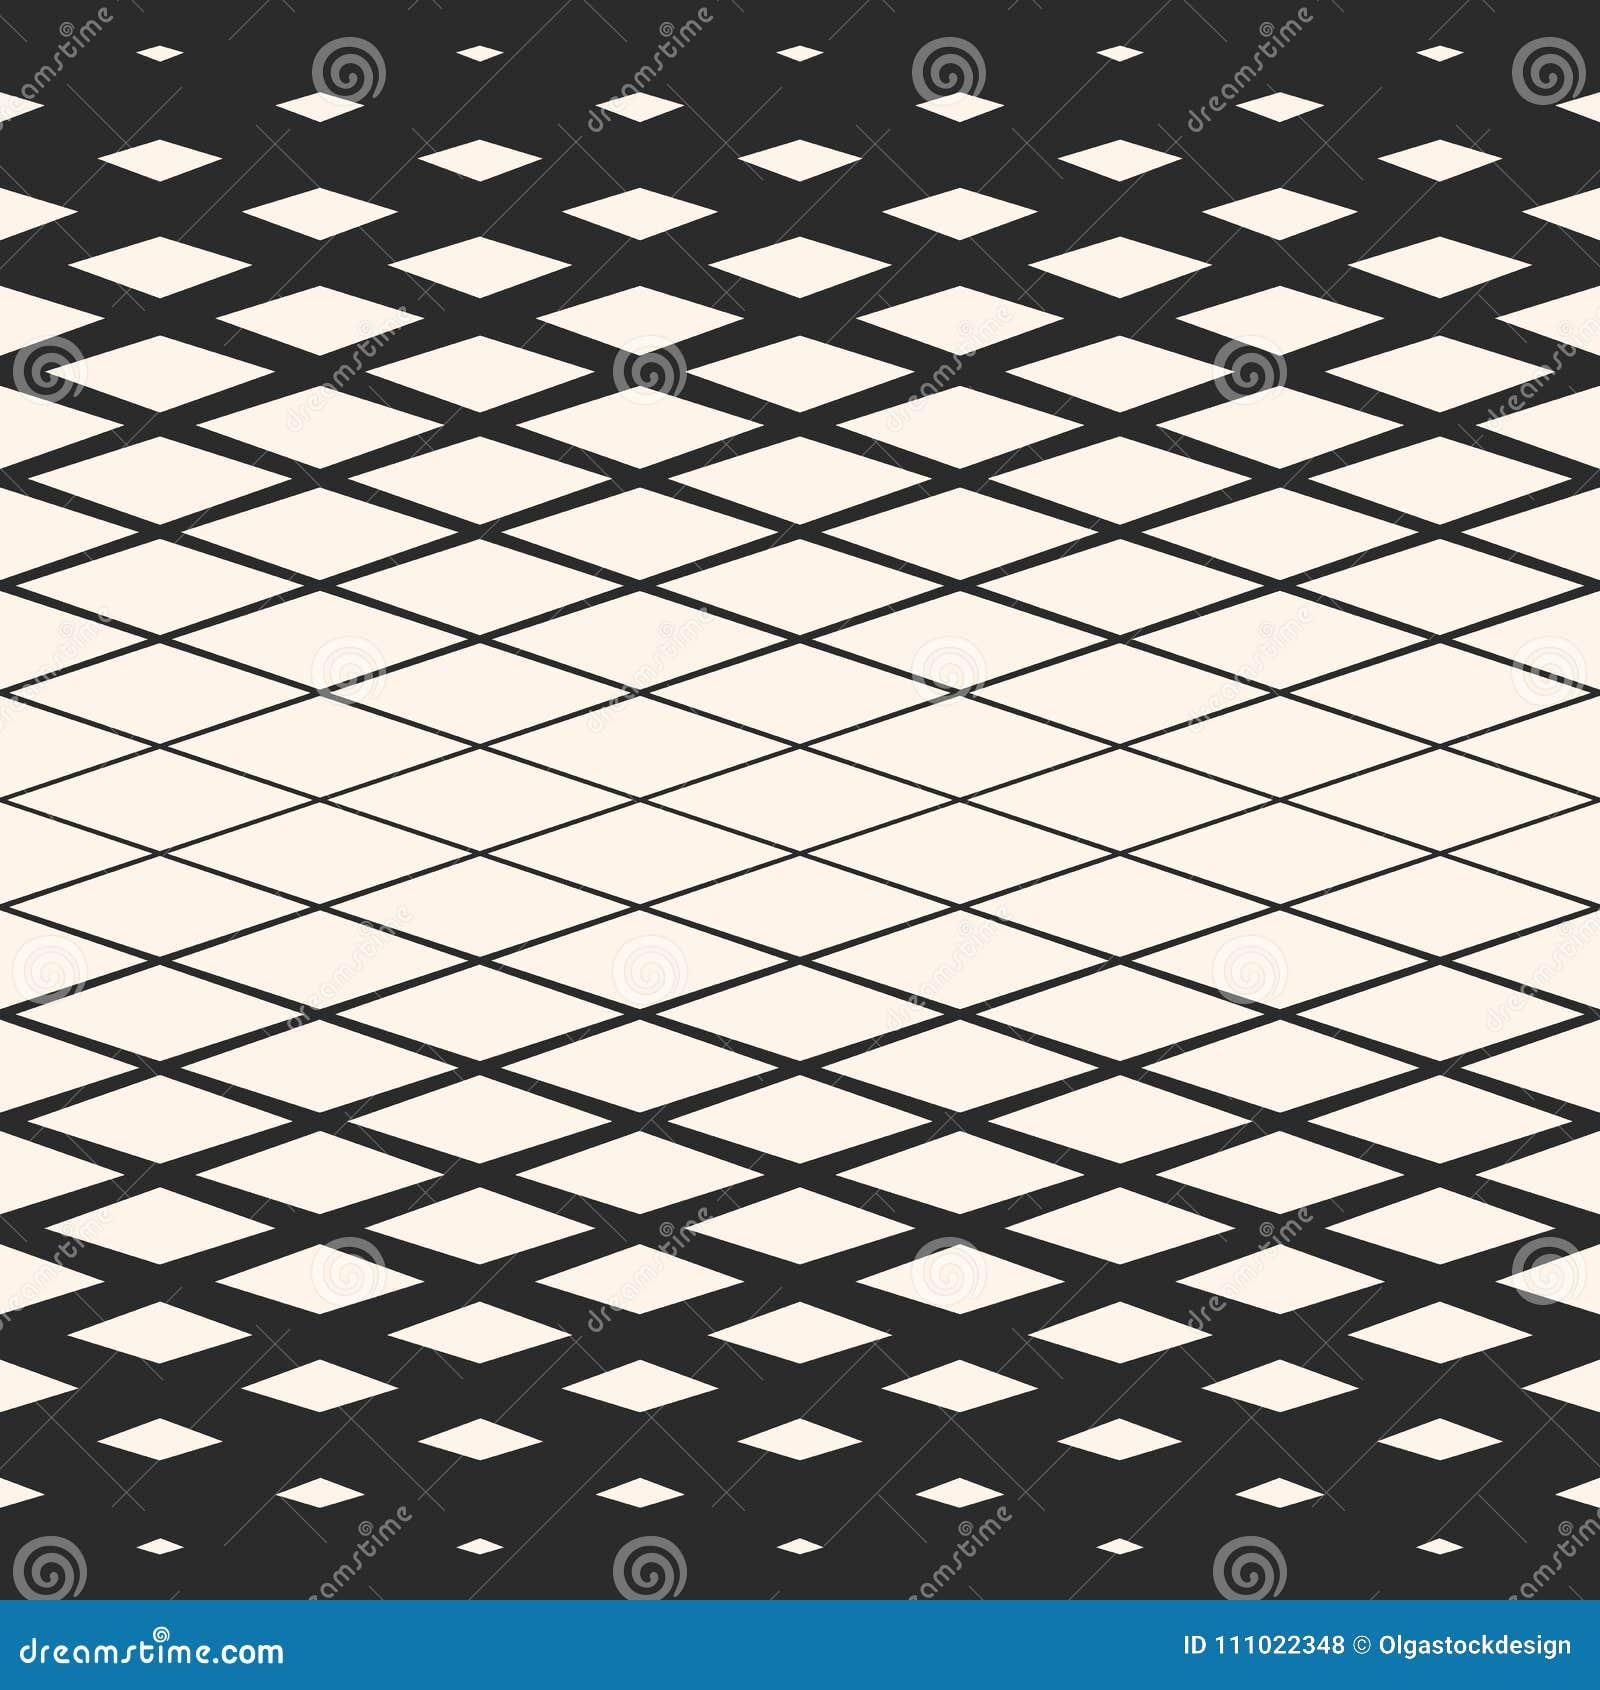 26c570119c3816 Vector halftone geometrisch naadloos patroon met diagonaal net, die lijnen,  netwerk, rooster, ruiten, diamantvormen kruisen Abstracte zwart-witte  textuur ...